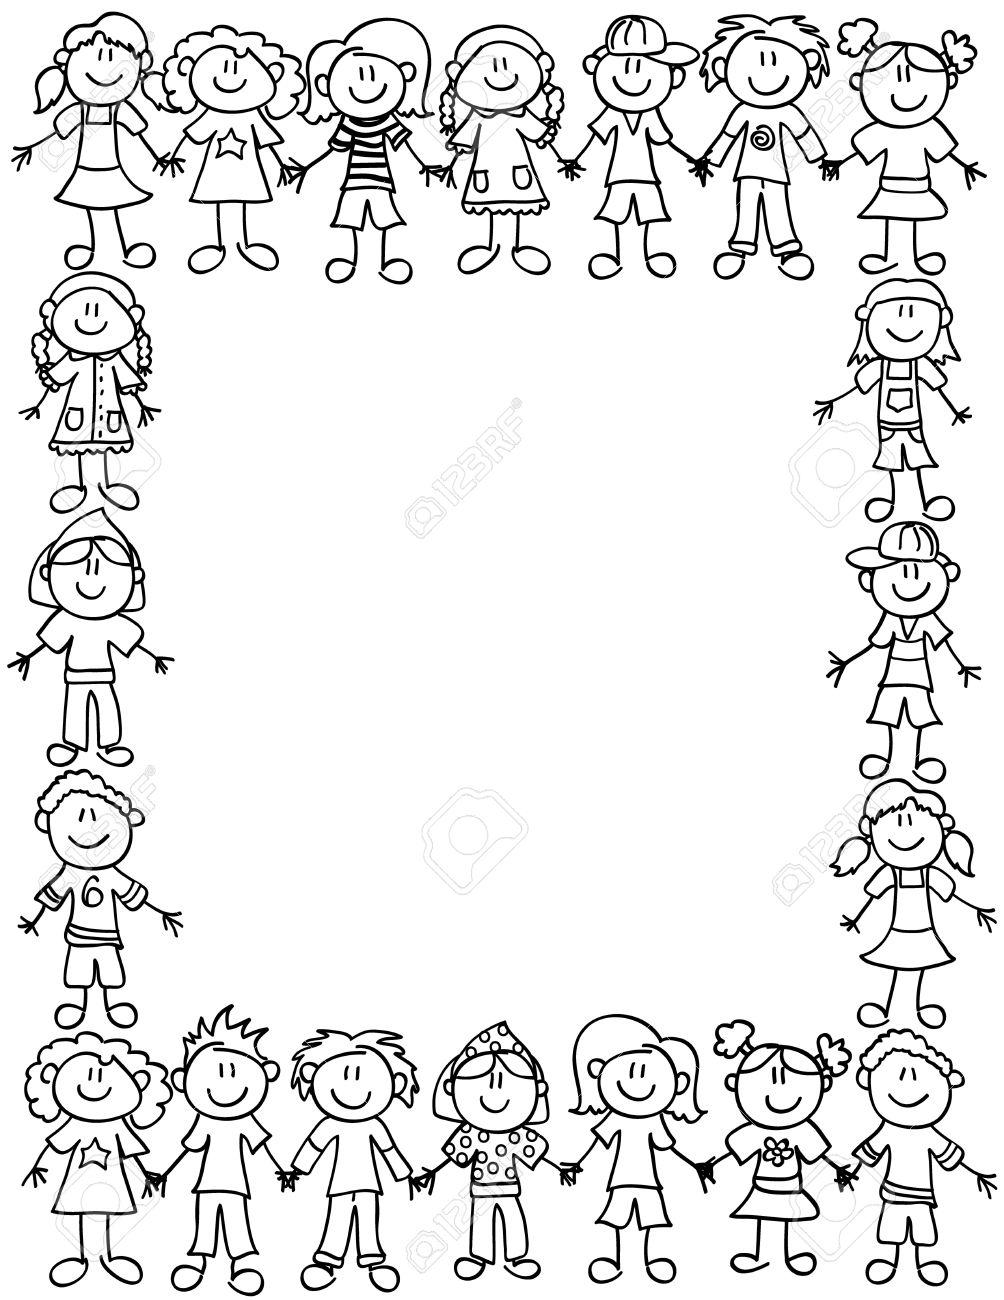 Cadre Ou Bordure De Page Des Personnages De Dessin Anime Mignon D Enfant Tenant Par La Main Clip Art Libres De Droits Vecteurs Et Illustration Image 36385925